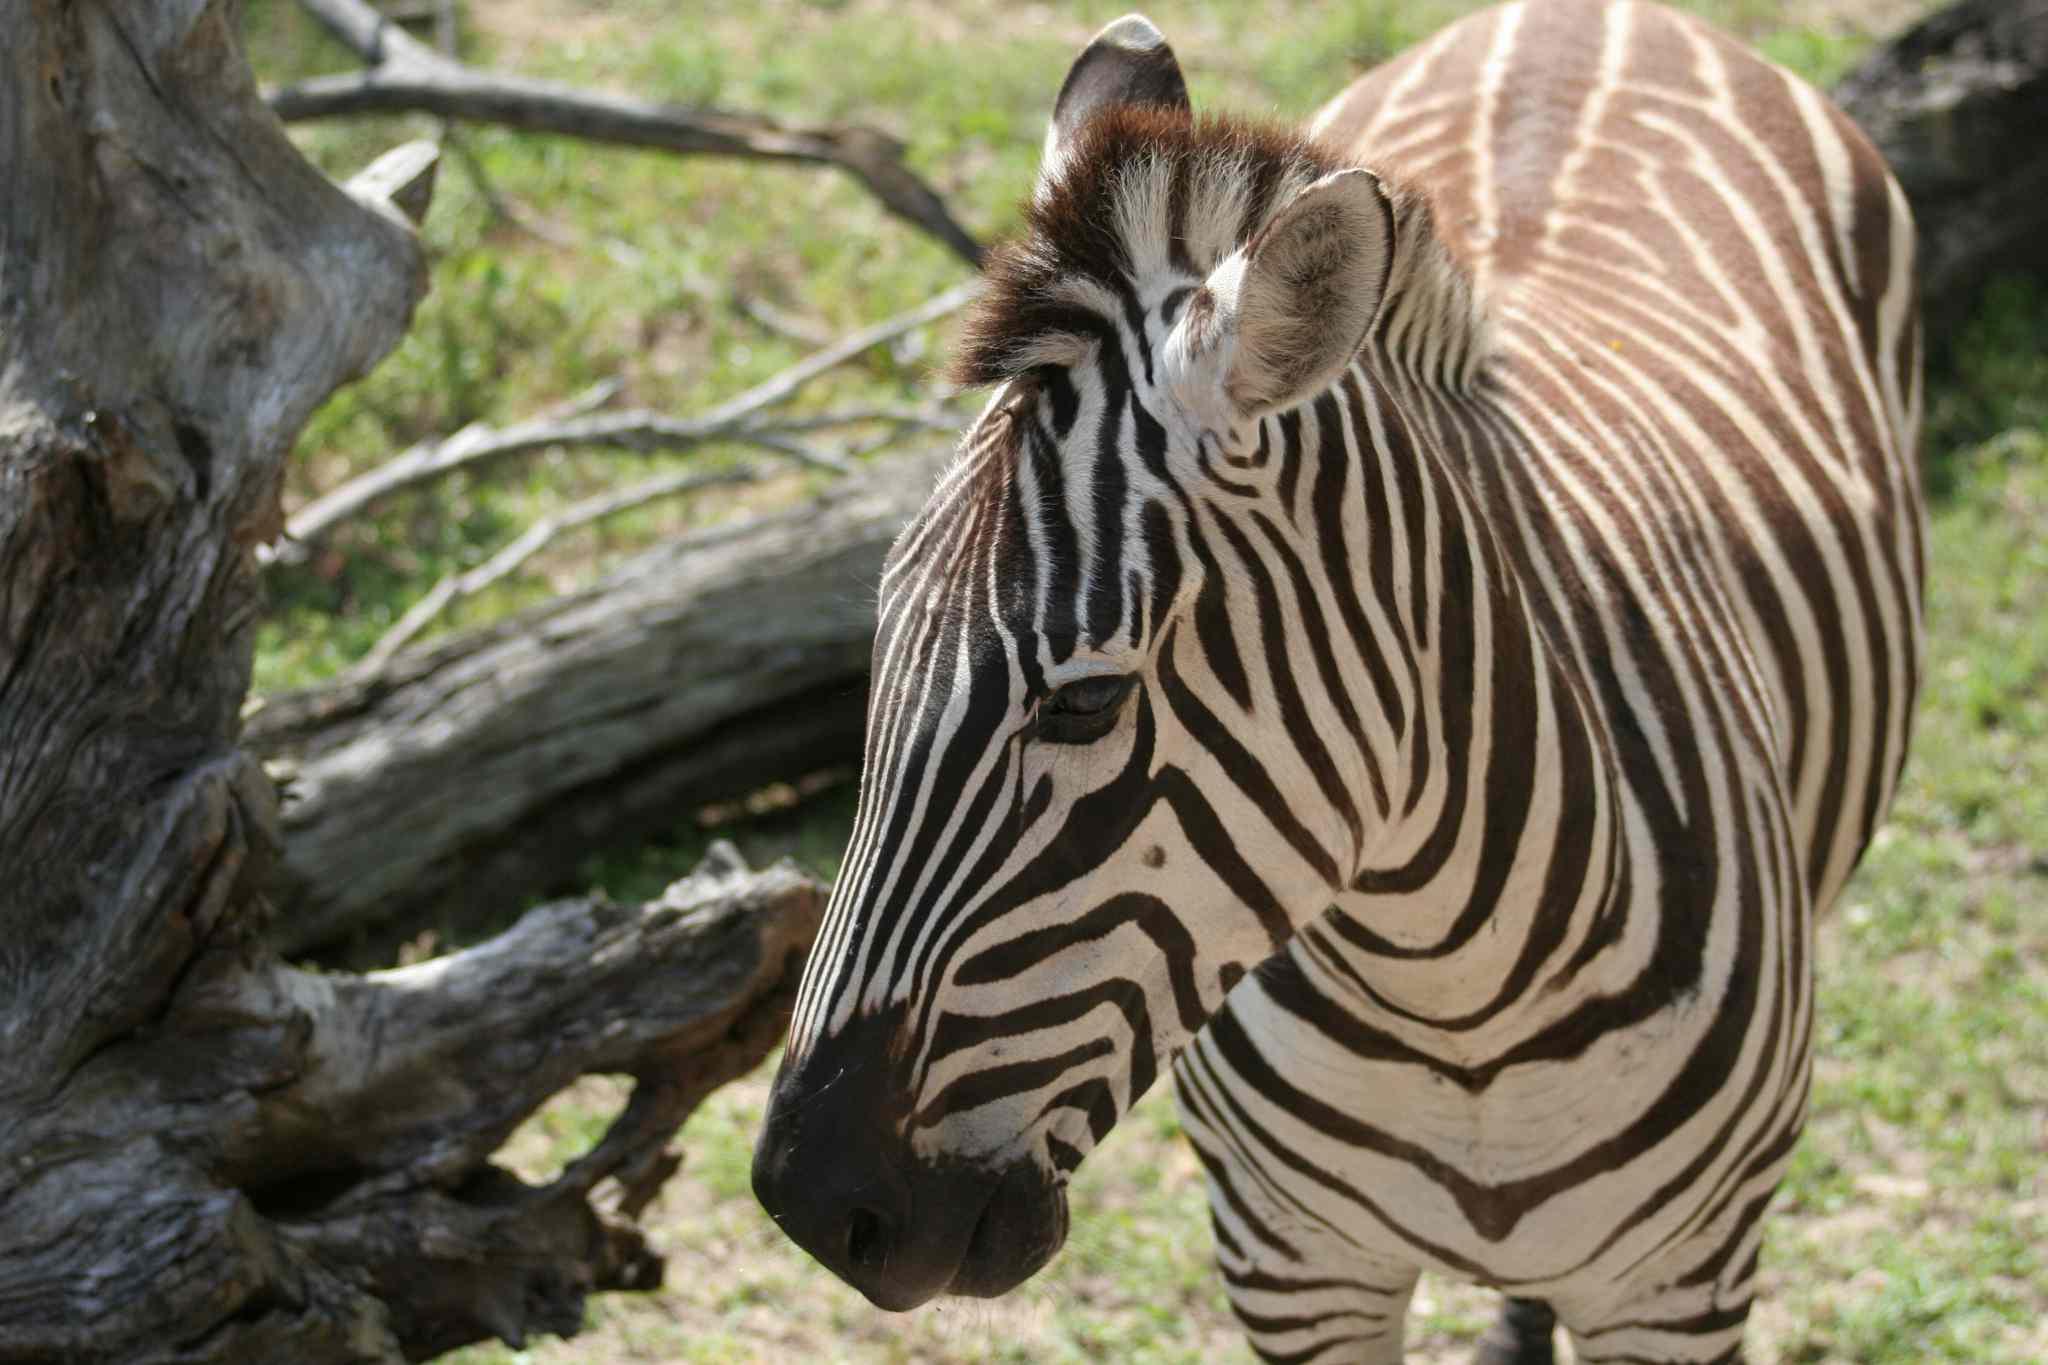 Zebra in the Kilimanjaro Safaris